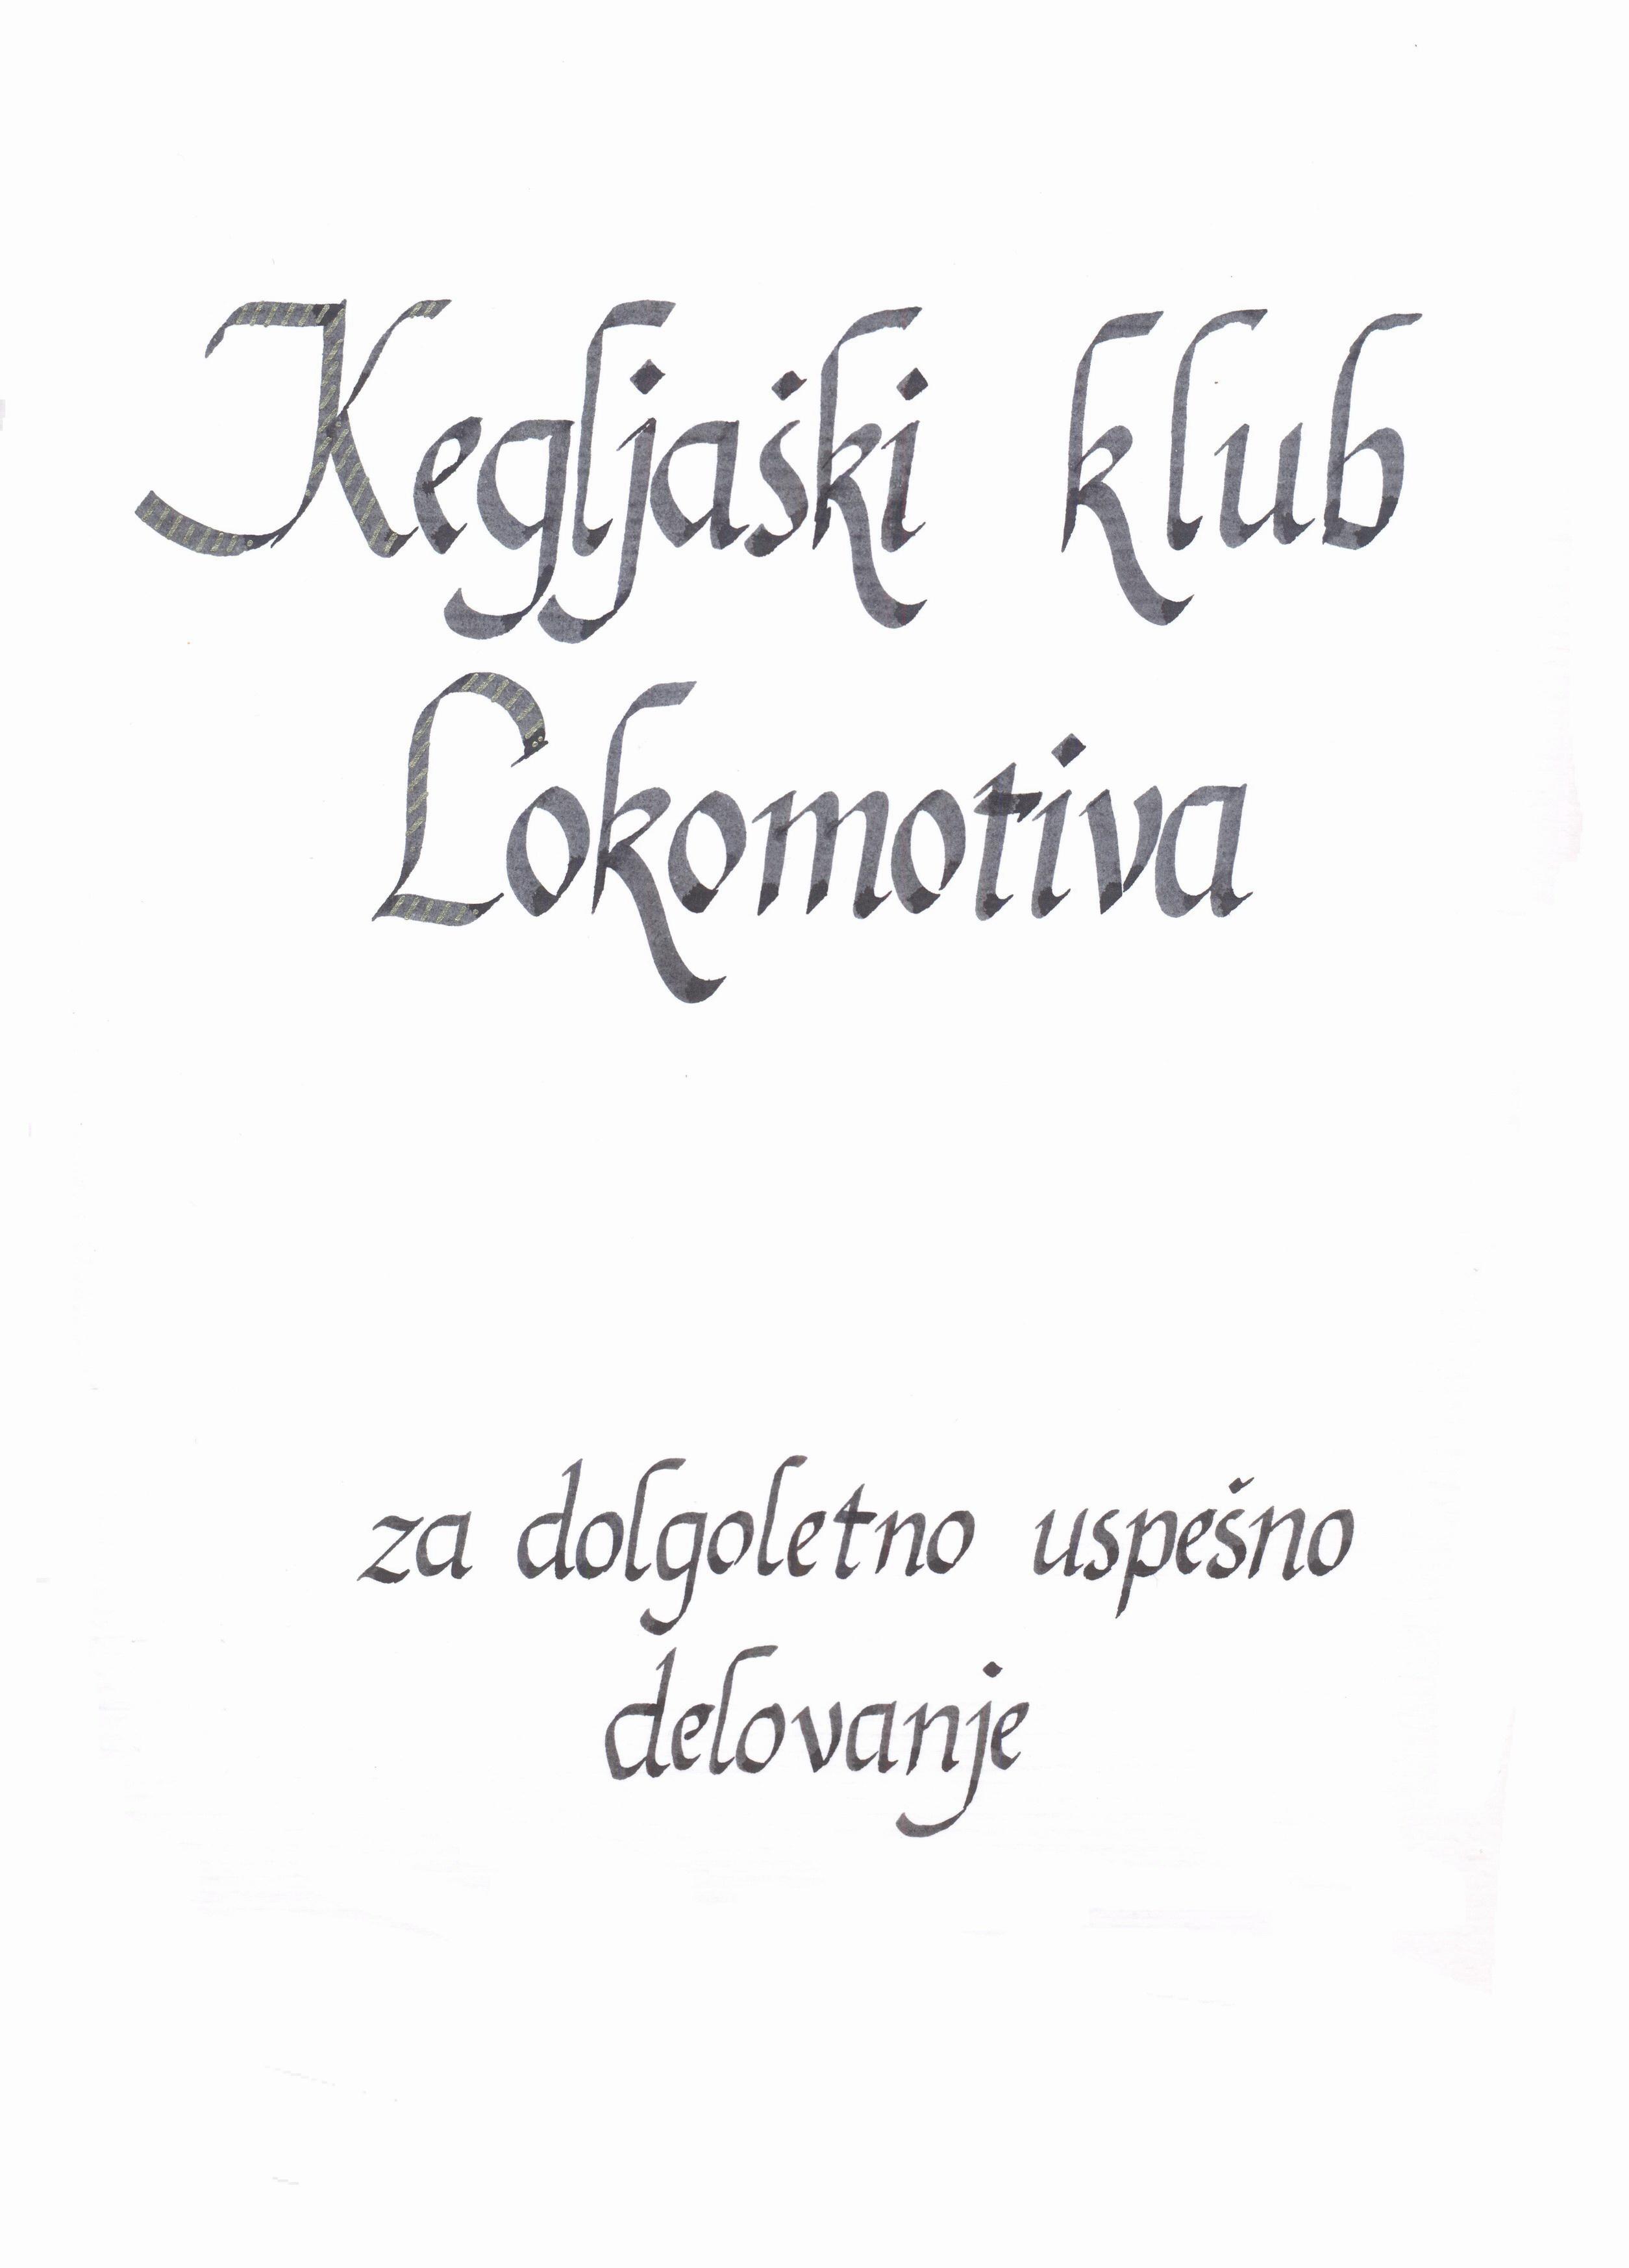 Cizljeva plaketa za KKL, 2012